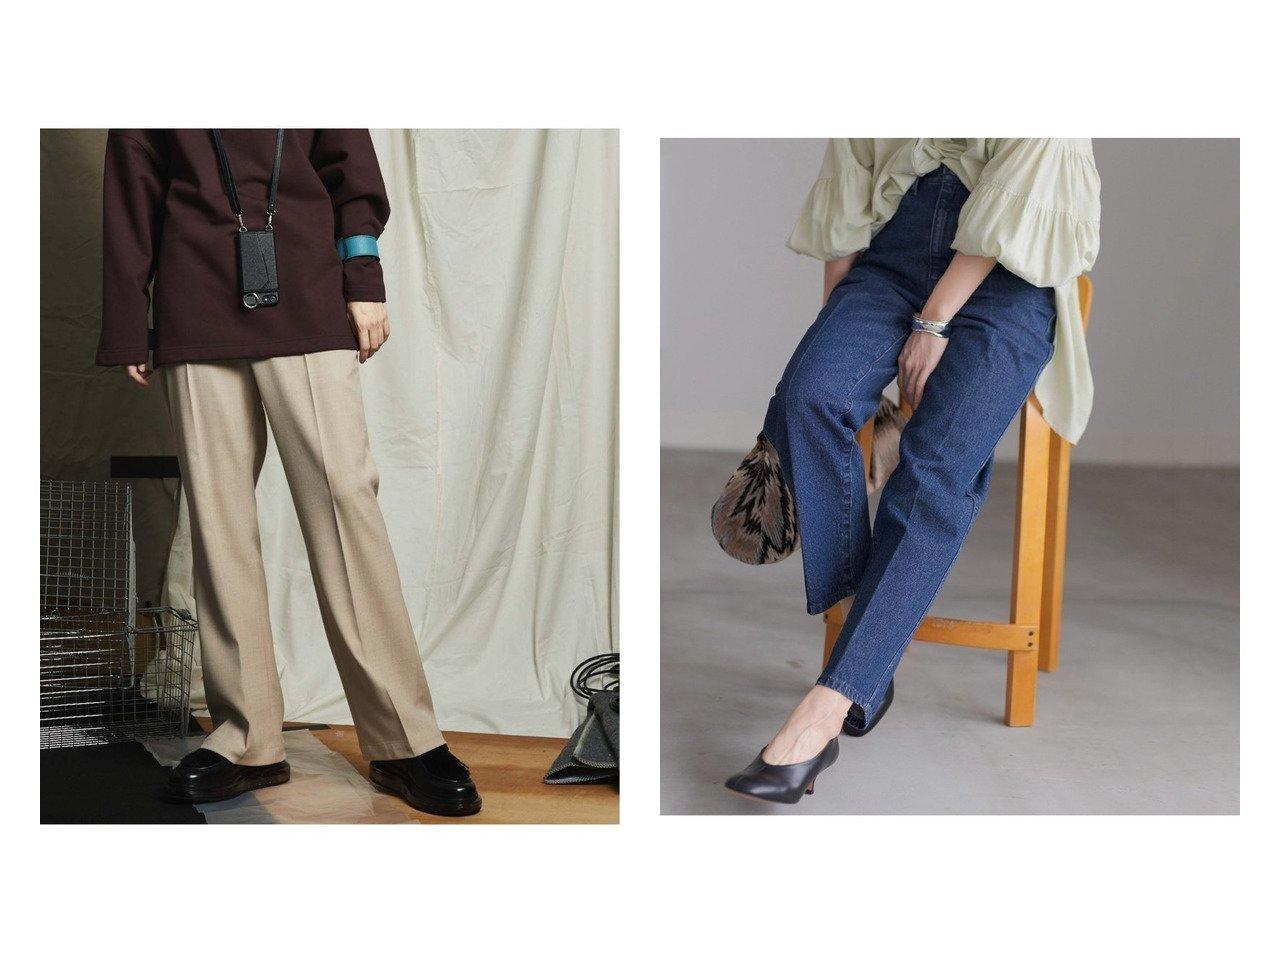 【MAISON SPECIAL/メゾンスペシャル】の《ユニセックスアイテム》ドスキンダブルクロスシューカットパンツ 【メゾンスペシャル】&【Adam et Rope/アダム エ ロペ】のセンタープレス5PKデニム パンツのおすすめ!人気、レディースファッションの通販 おすすめで人気のファッション通販商品 インテリア・家具・キッズファッション・メンズファッション・レディースファッション・服の通販 founy(ファニー) https://founy.com/ ファッション Fashion レディース WOMEN パンツ Pants ジーンズ ストレッチ パターン フレア インディゴ 今季 ジャケット スラックス センター デニム 定番 ポケット |ID:crp329100000001450